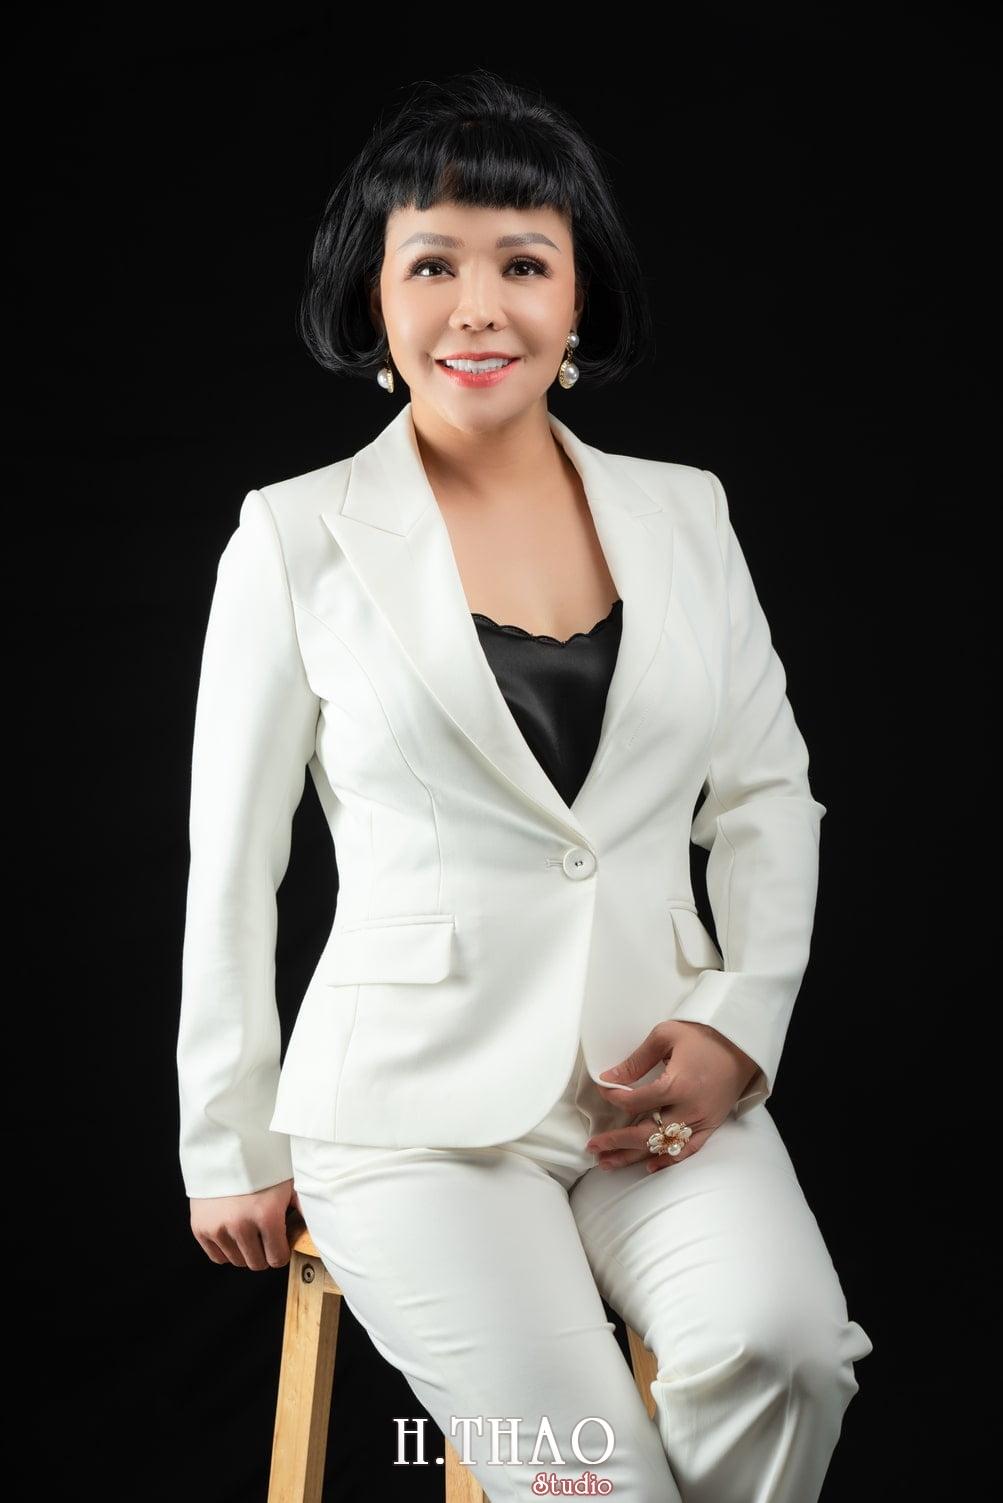 Doanh nhan dao tao 6 - Album nữ doanh nhân ngành đào tạo giải pháp Hoàng Dung